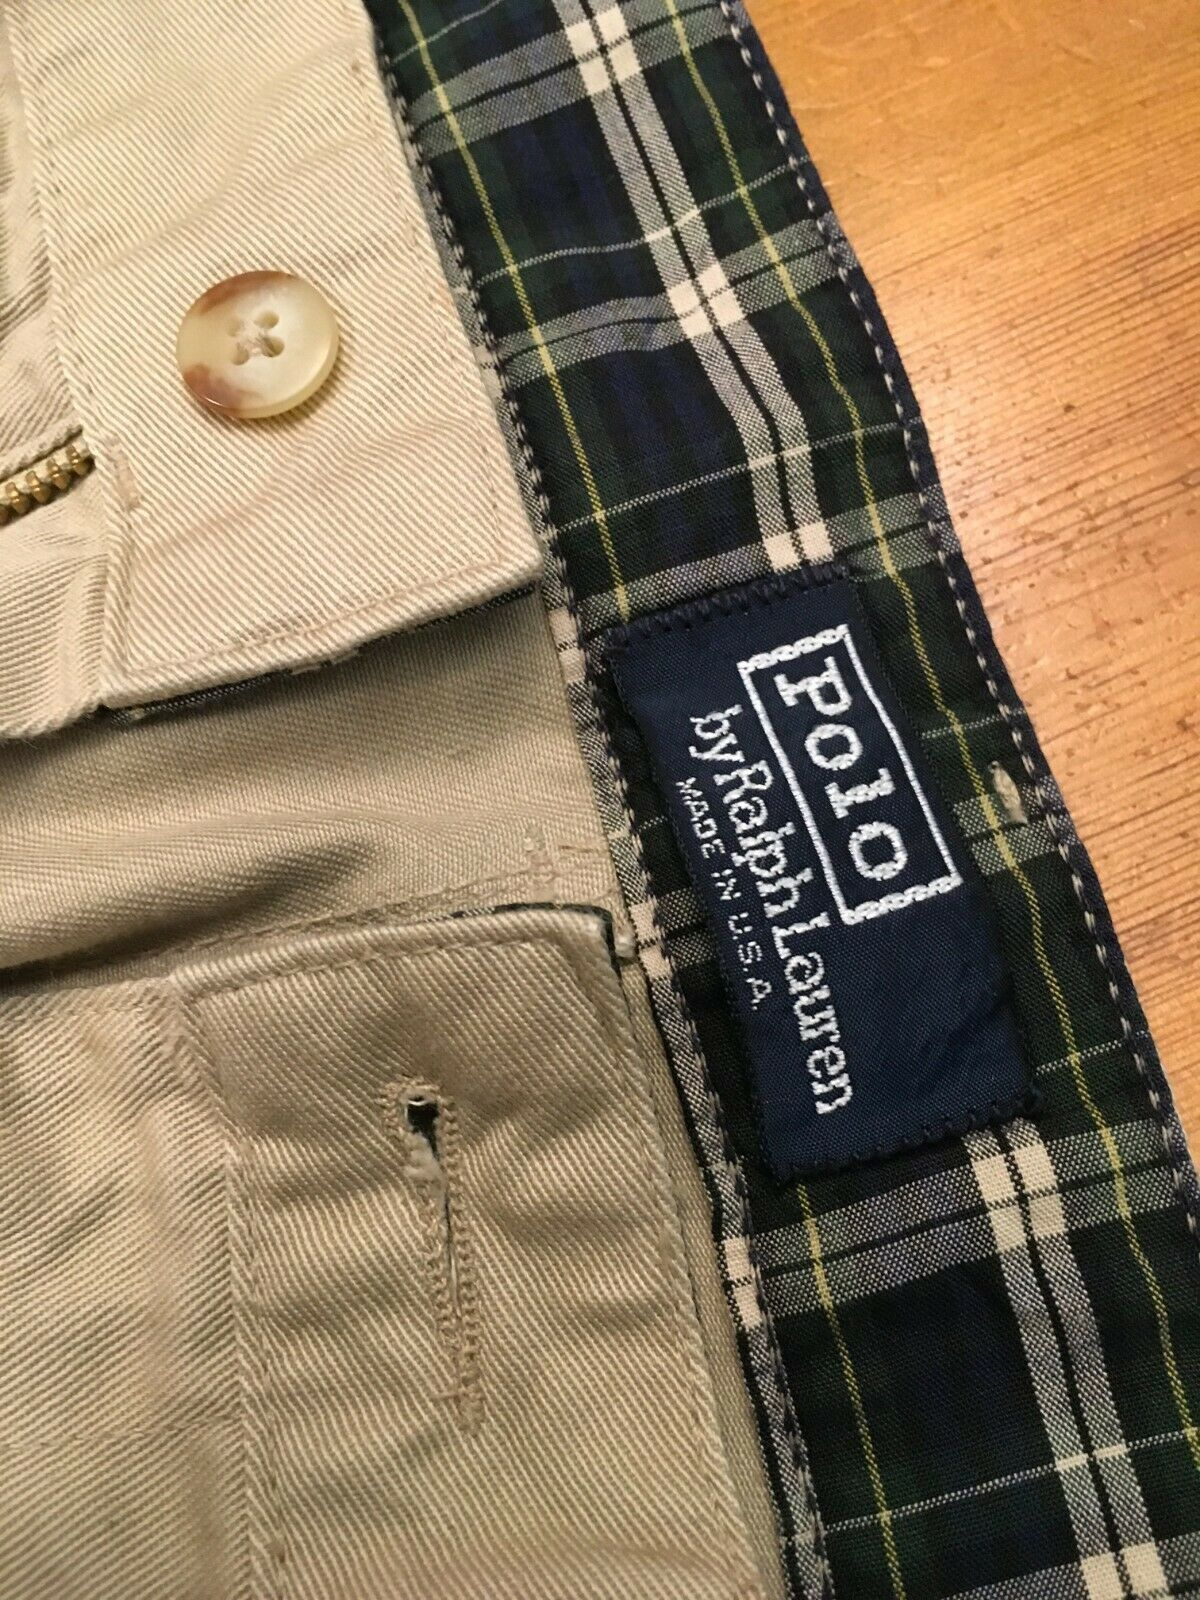 VTG 80s NOS Polo Ralph Lauren Classic Golf Pants … - image 3